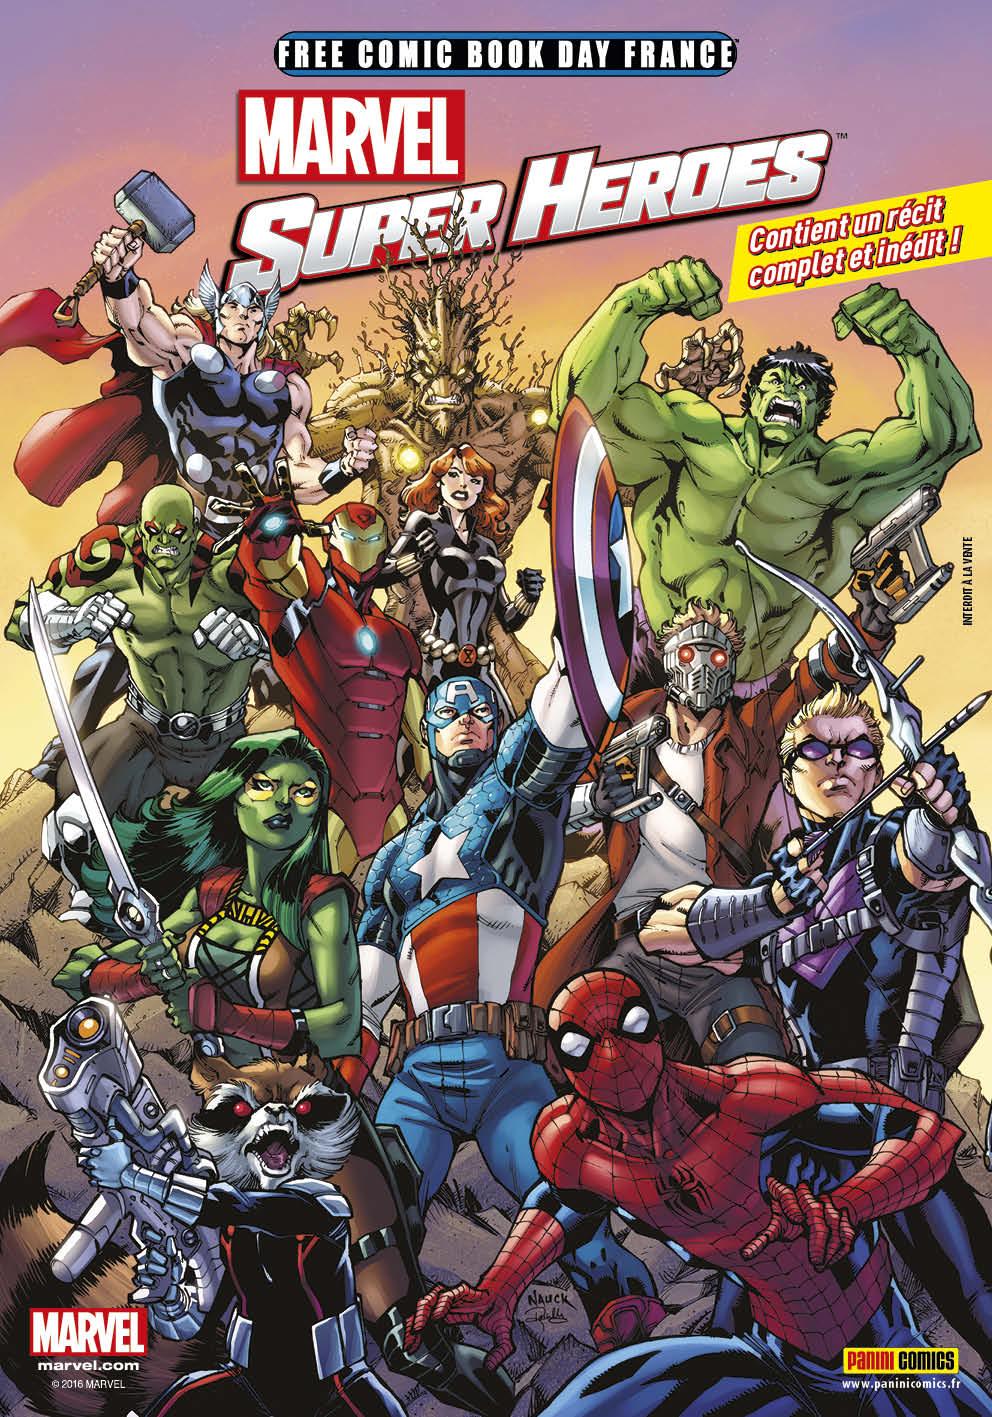 FCBD2016 - Marvel Super-Heroes